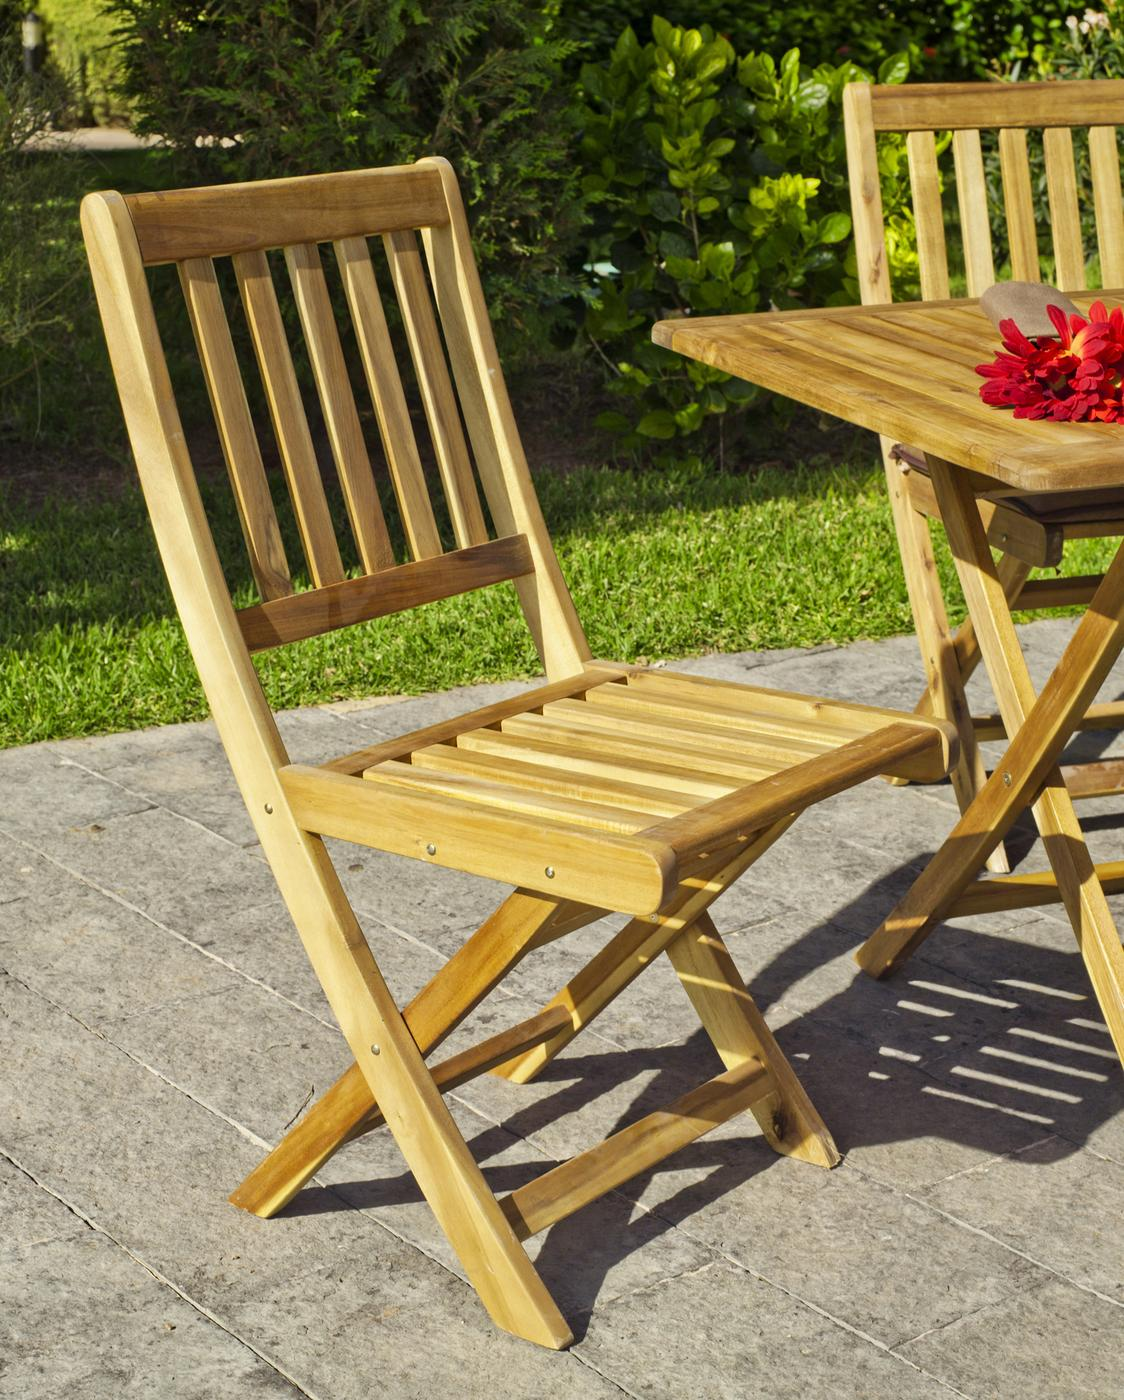 Muebles online terraza jard n madera online silla - Sillas madera jardin ...